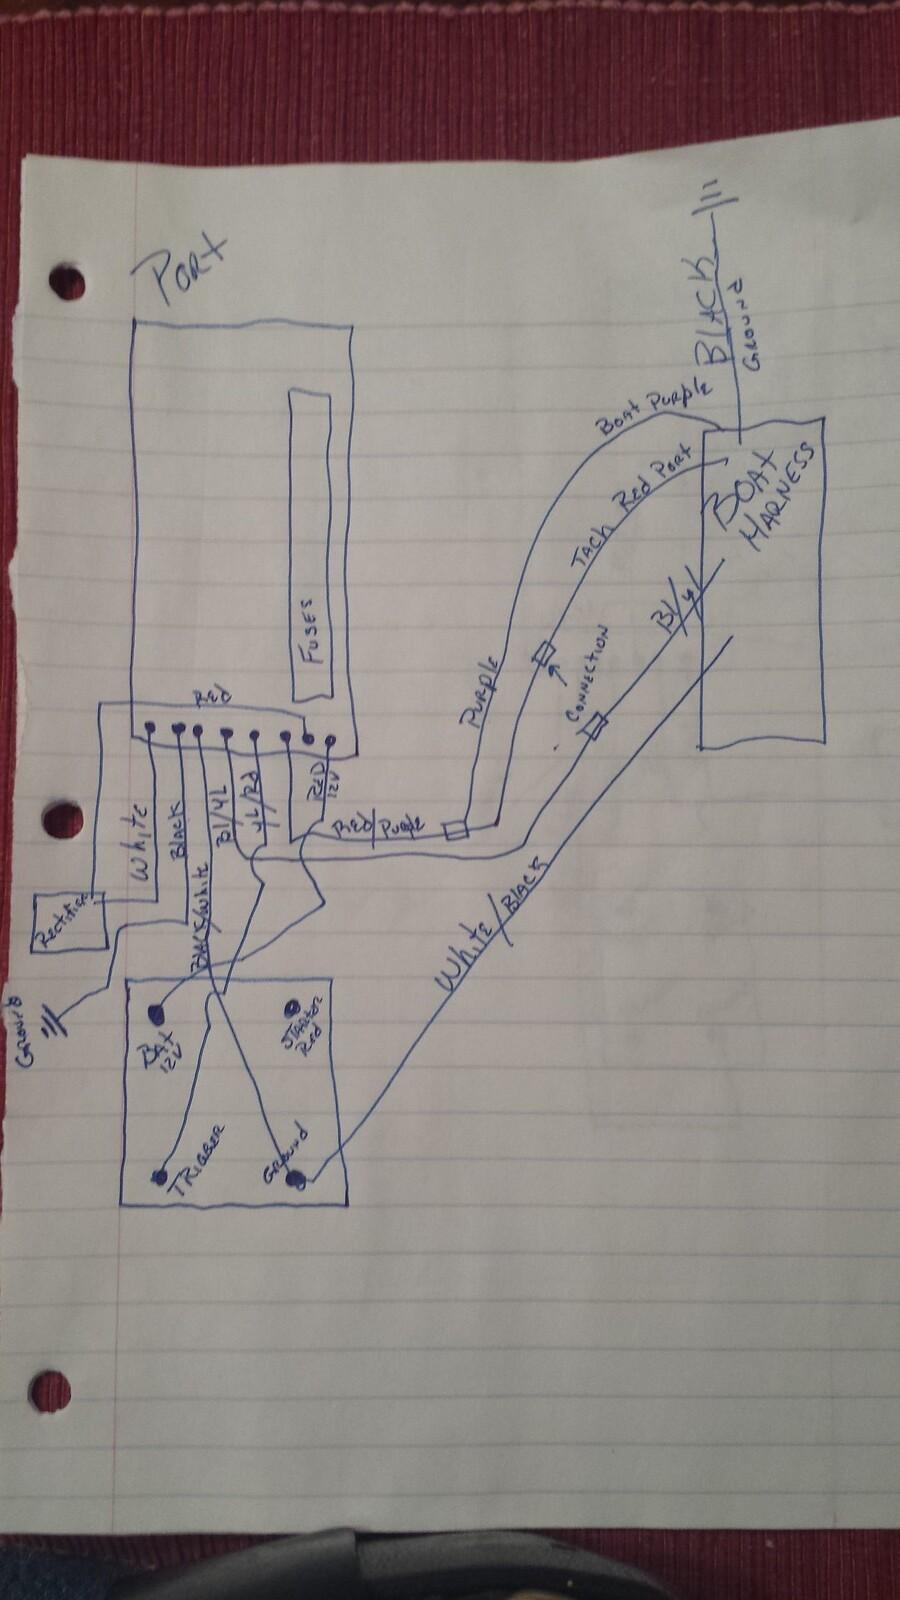 95 Seadoo Wiring Diagram | Wiring Diagrams